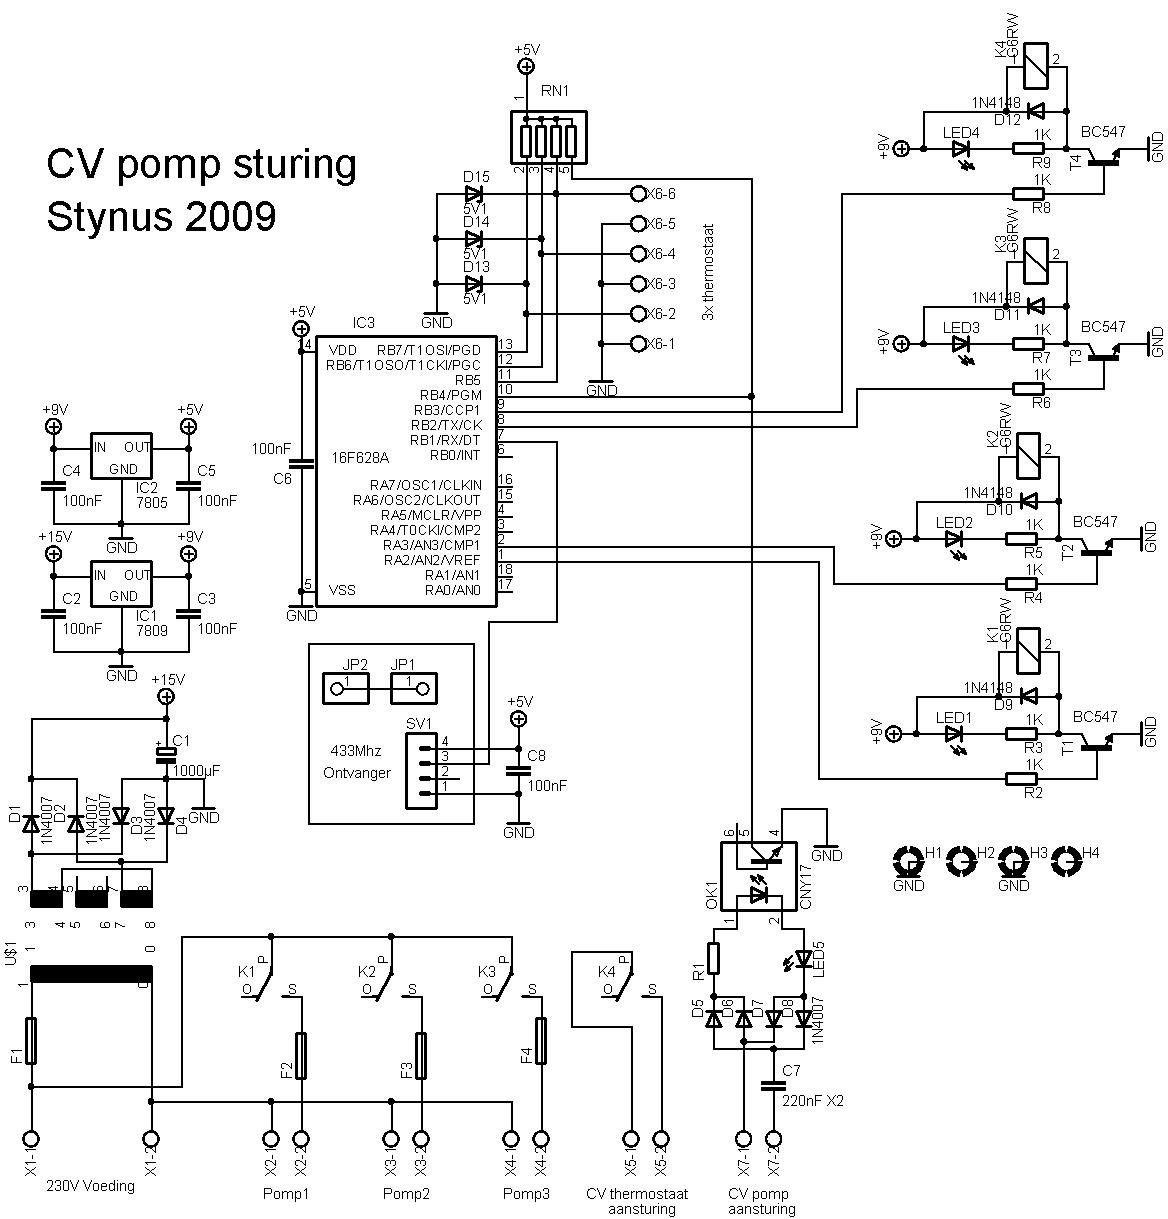 elektronica stynus  u0026gt  projecten  u0026gt  cv